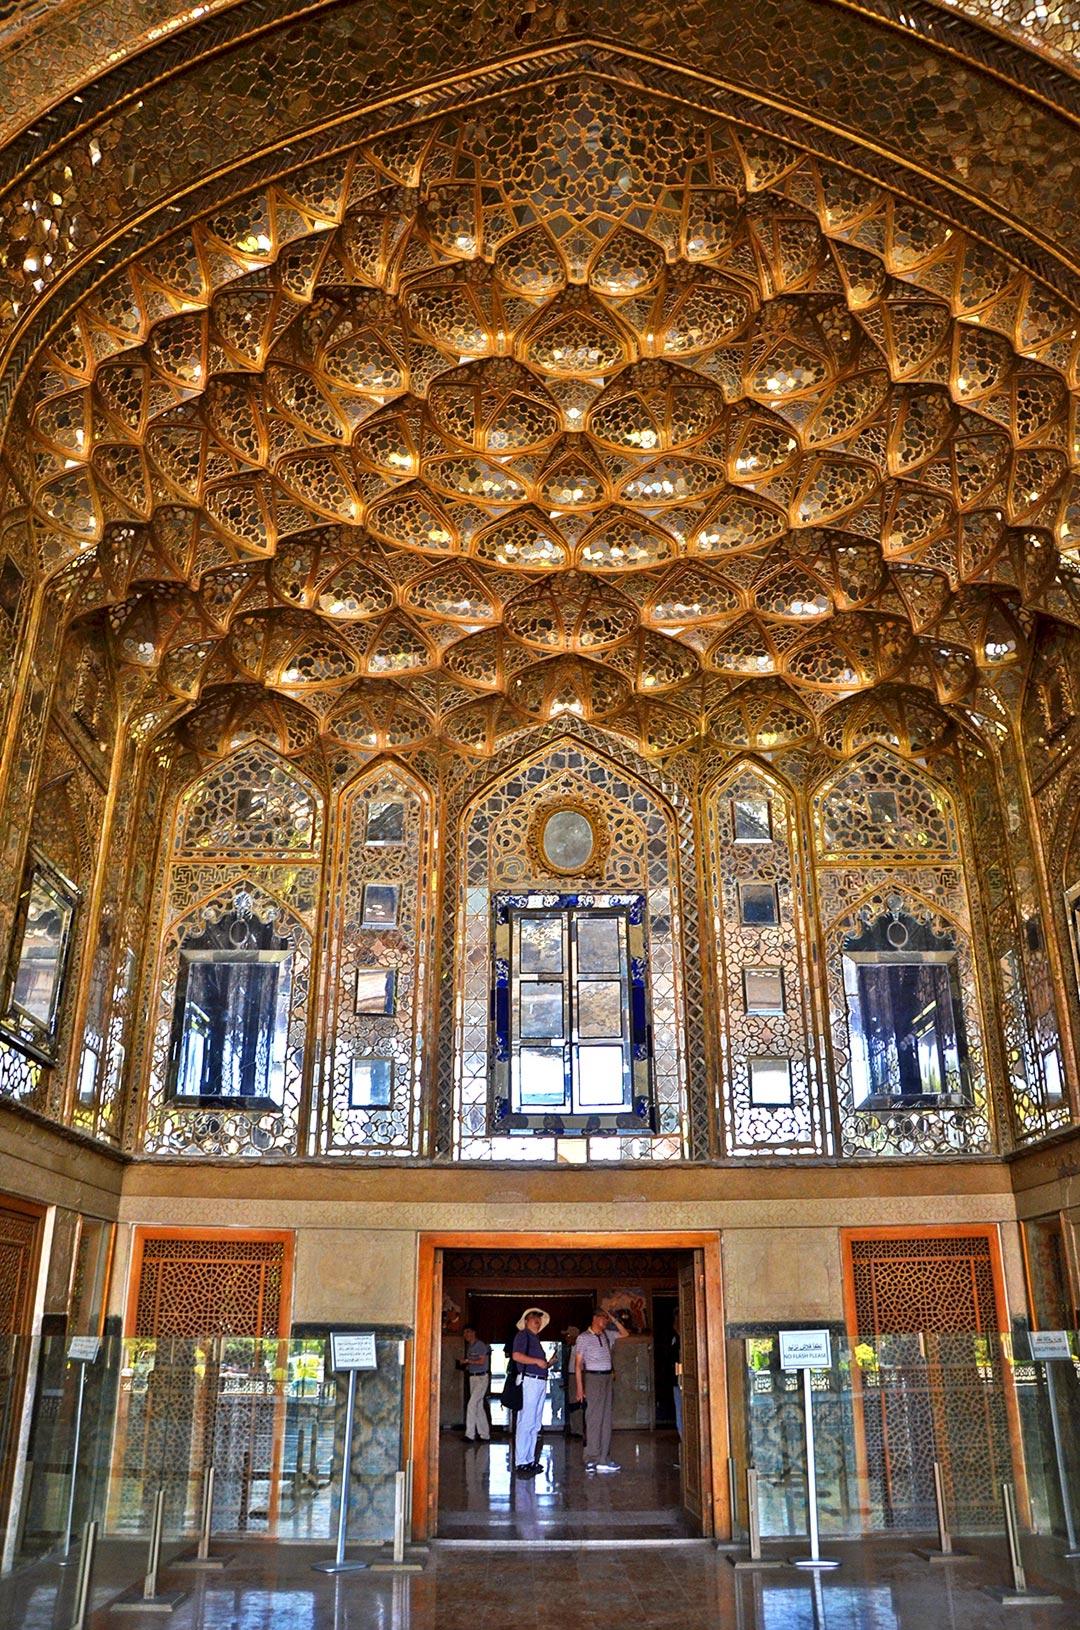 Vstup do paláca Chehel Sotoun, ktorý okrem iného obklopujú krásne perzské záhrady. Prechádzkami po podobných miestach môžete zabiť kľudne celý deň a neomrzí vás to.